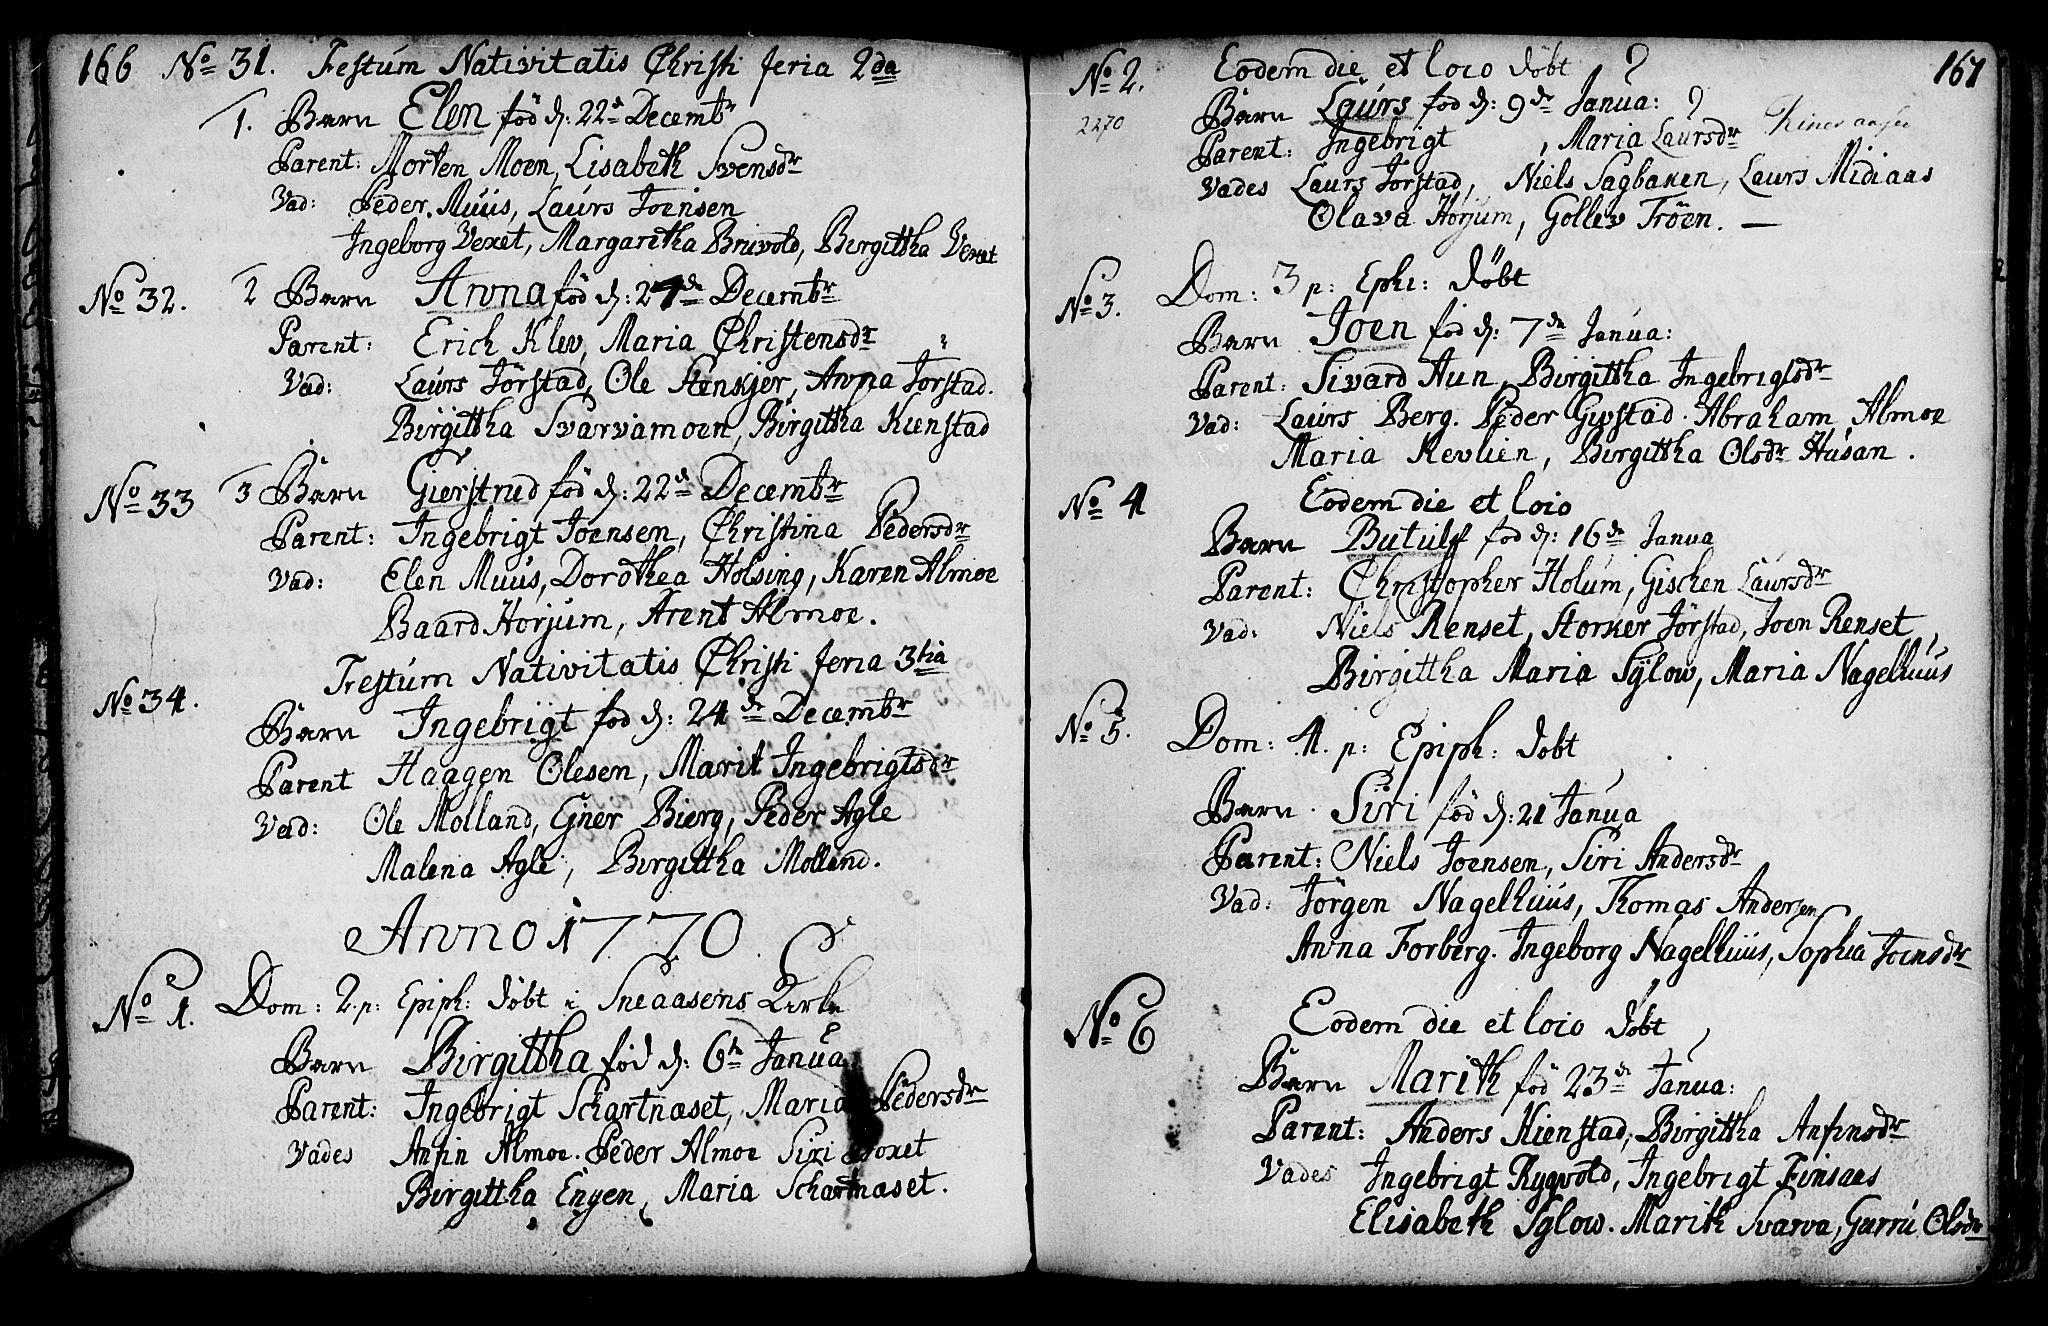 SAT, Ministerialprotokoller, klokkerbøker og fødselsregistre - Nord-Trøndelag, 749/L0467: Ministerialbok nr. 749A01, 1733-1787, s. 166-167